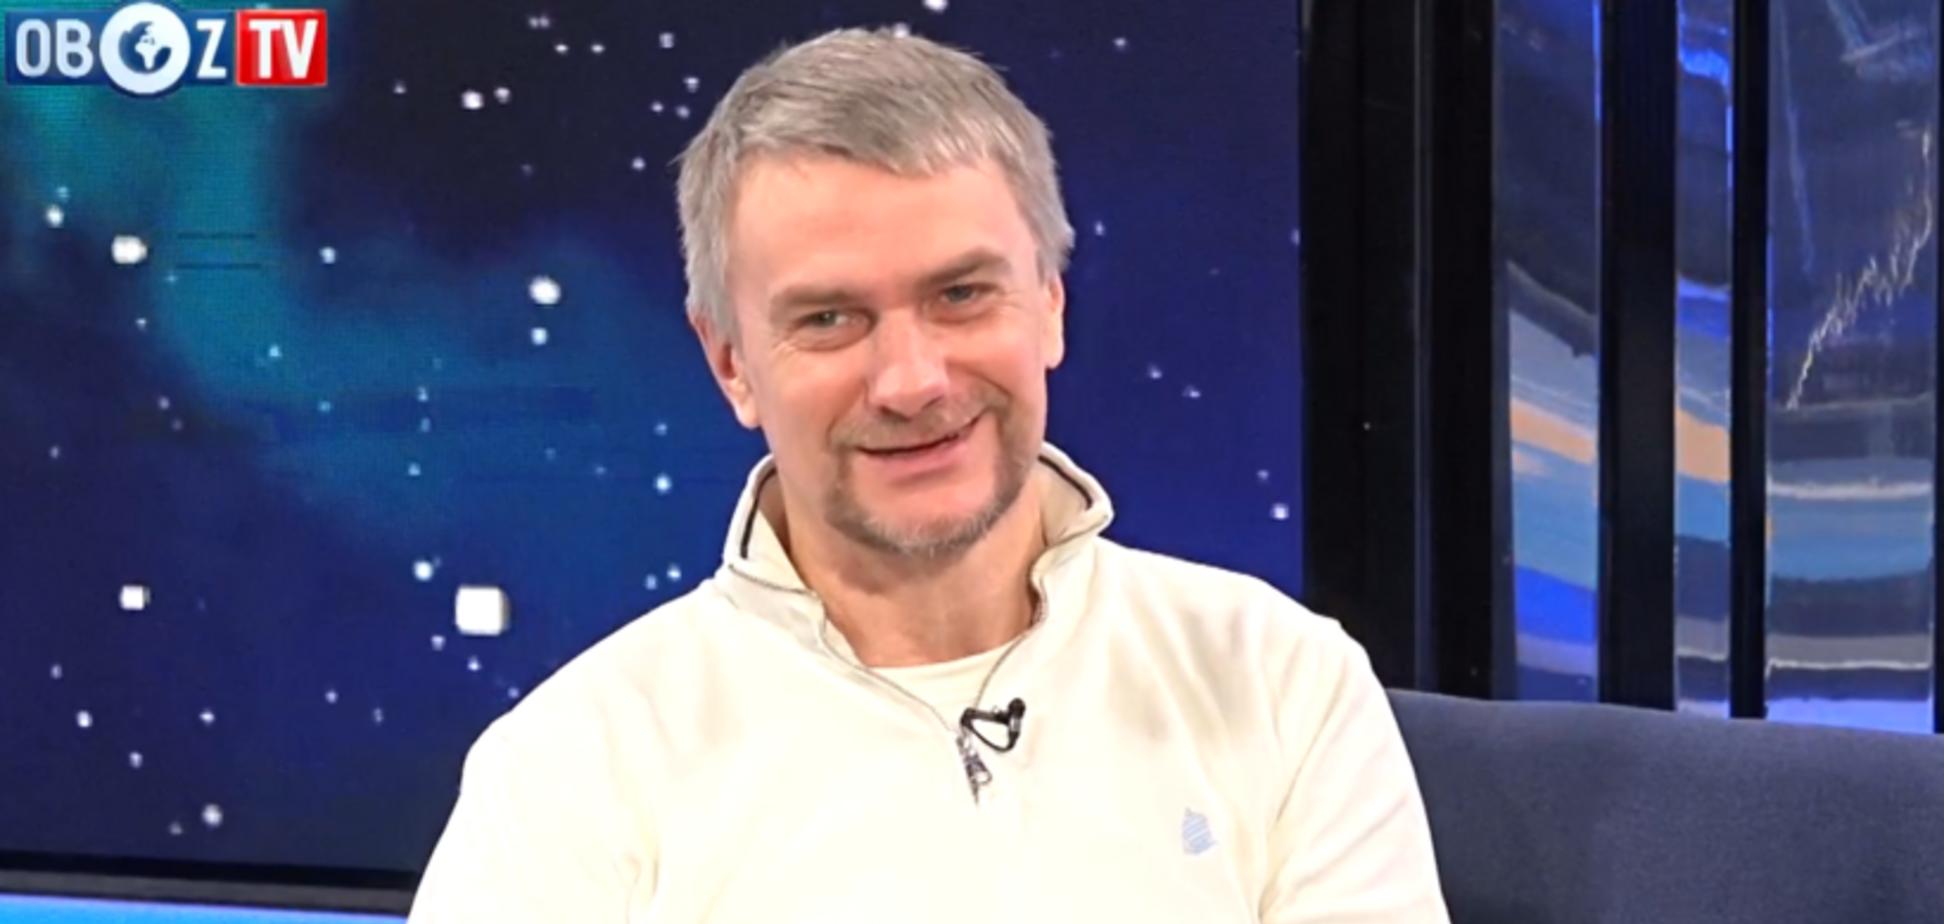 Спутник своими руками: Боровик рассказал, как школы и университеты вступили в новую коспическую эру